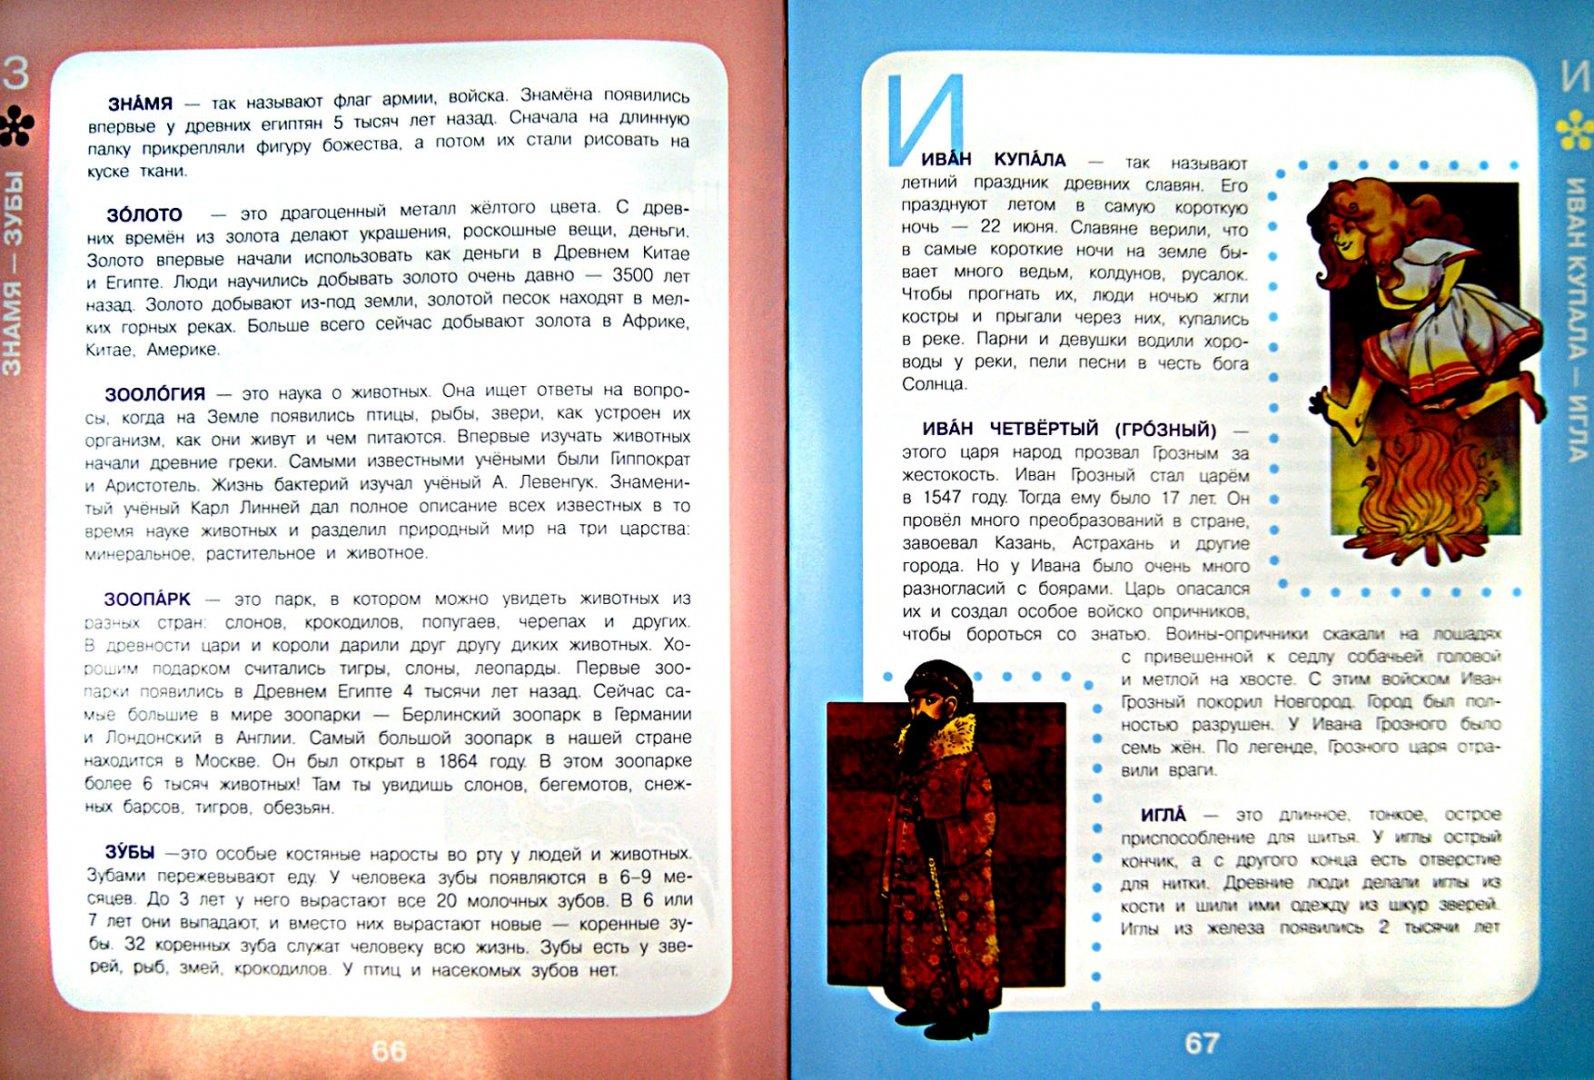 Иллюстрация 1 из 16 для Большой энциклопедический словарь для детей - Ирина Гуркова | Лабиринт - книги. Источник: Лабиринт